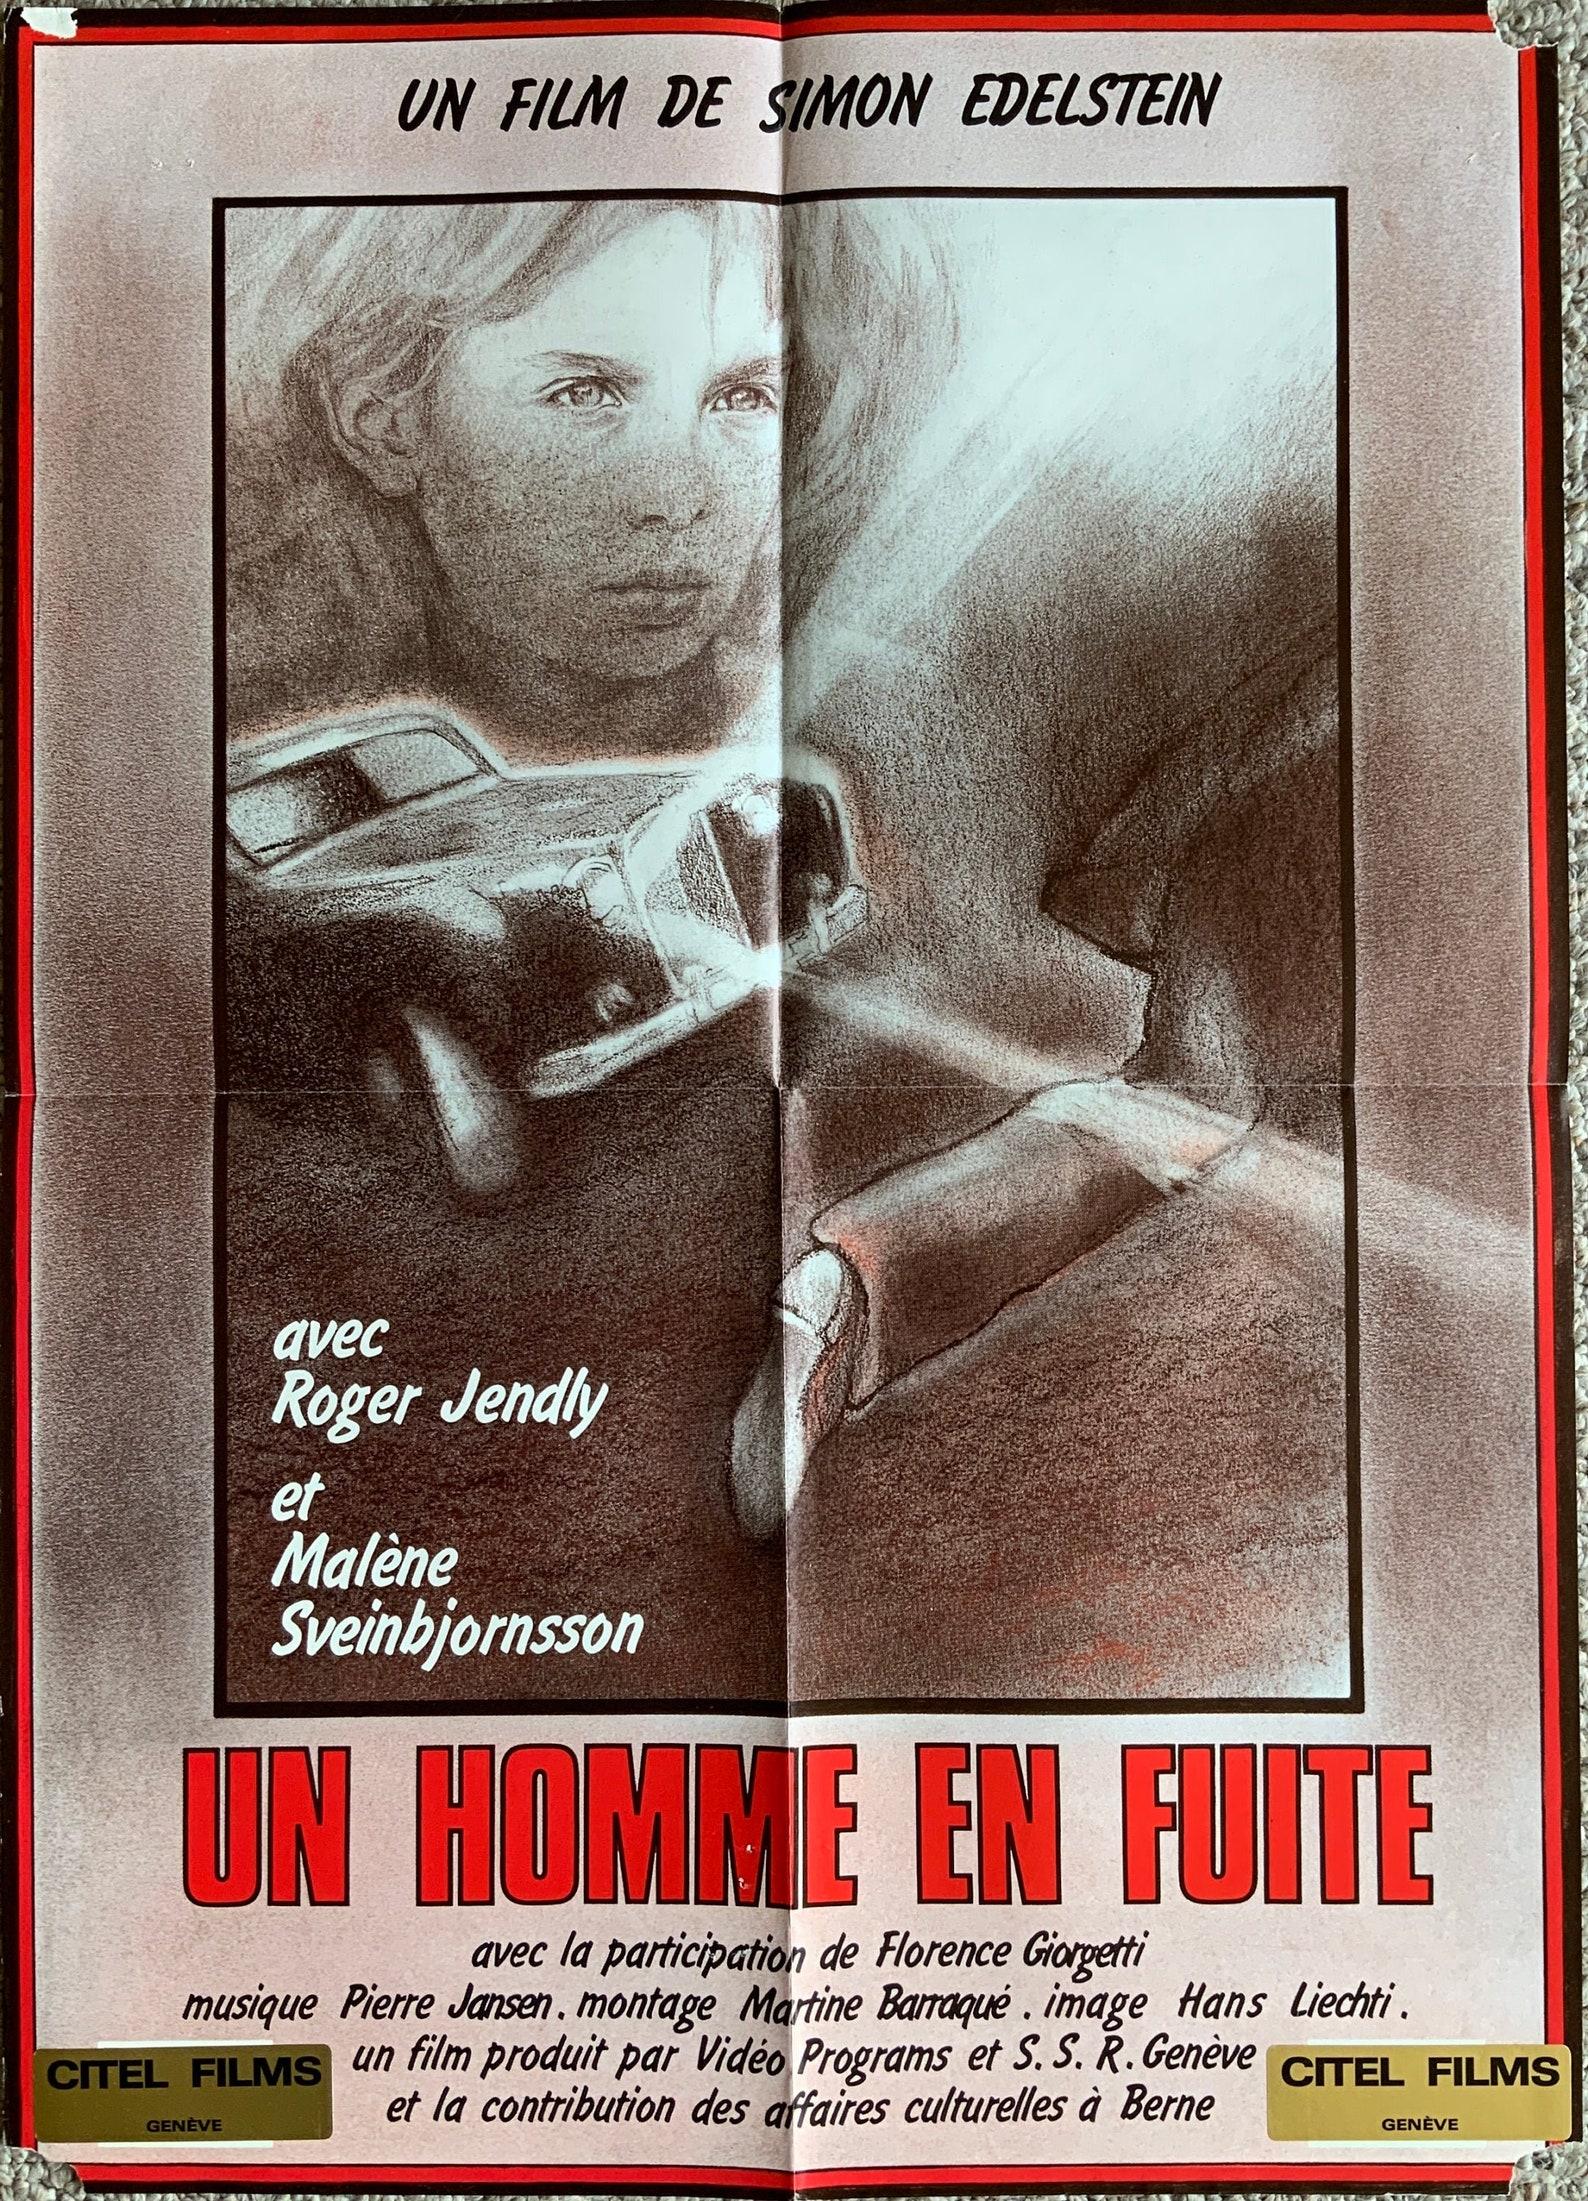 Ein Mann Auf flucht Original 1980 Französisch Poster   Etsy